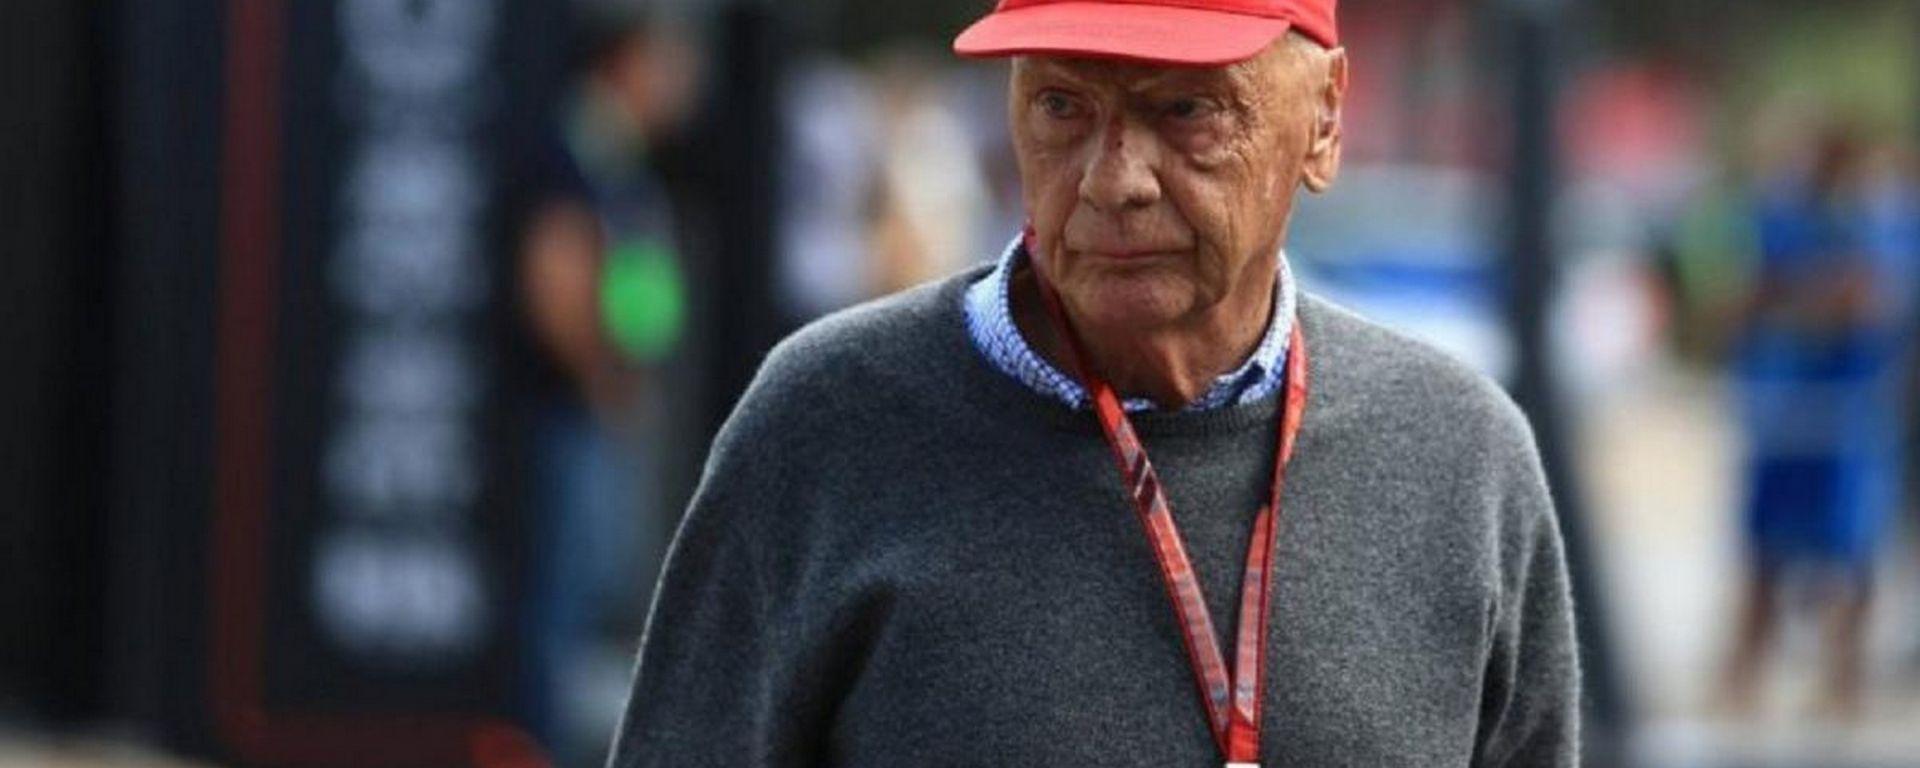 F1: grave Niki Lauda, trapianto di polmone nella notte